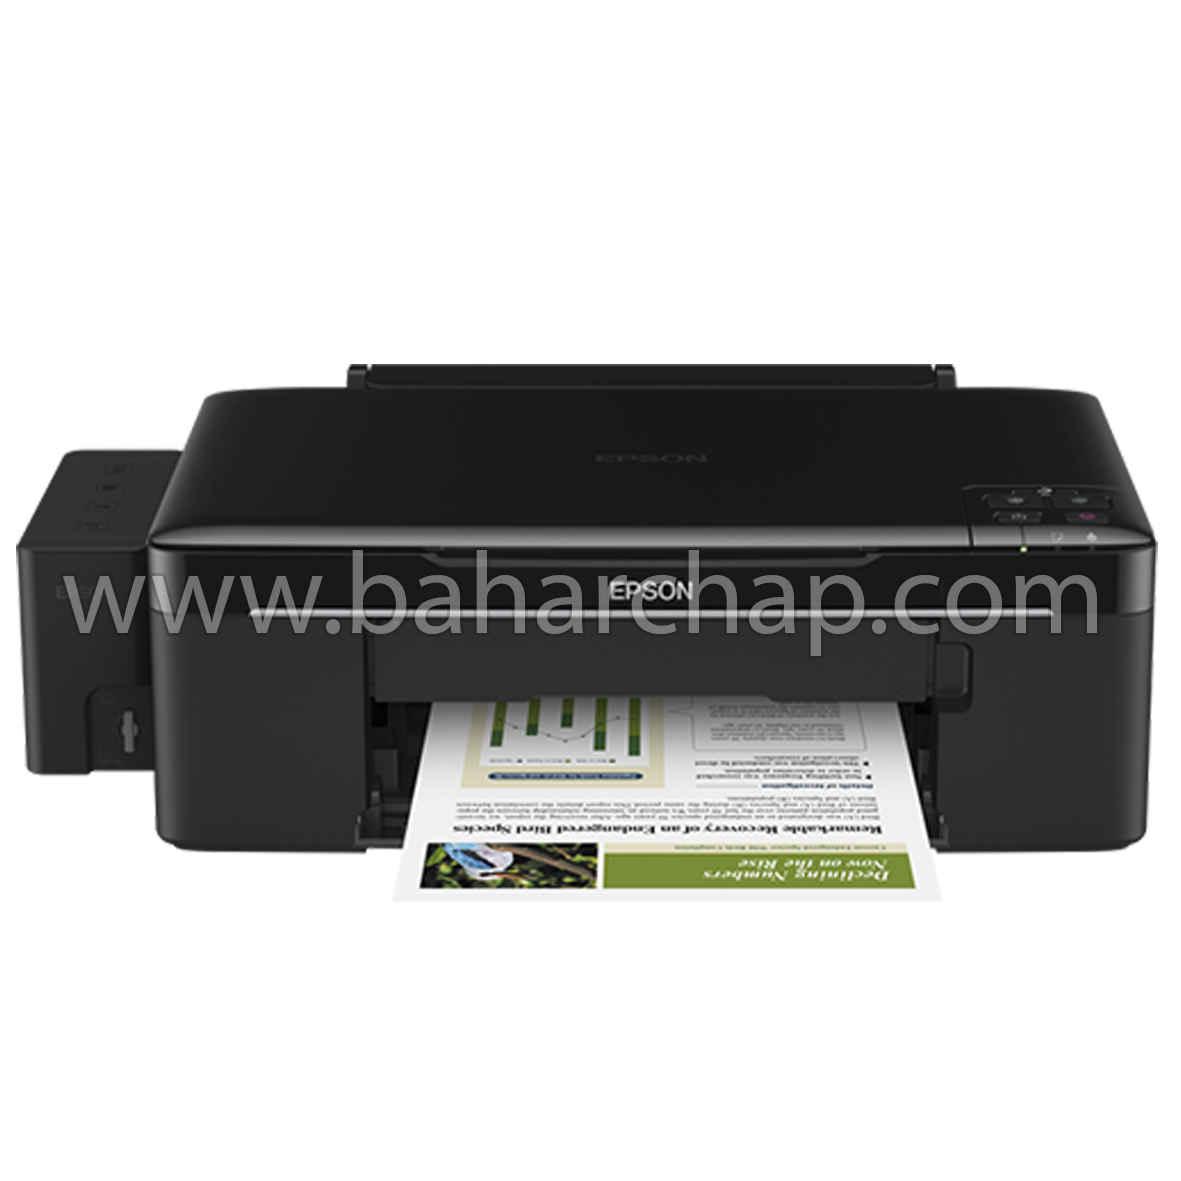 فروشگاه و خدمات اینترنتی بهارچاپ اصفهان-دفترچه تعمیرات تخصصی پرینتر اپسون L200-Repair Manual Epson L200